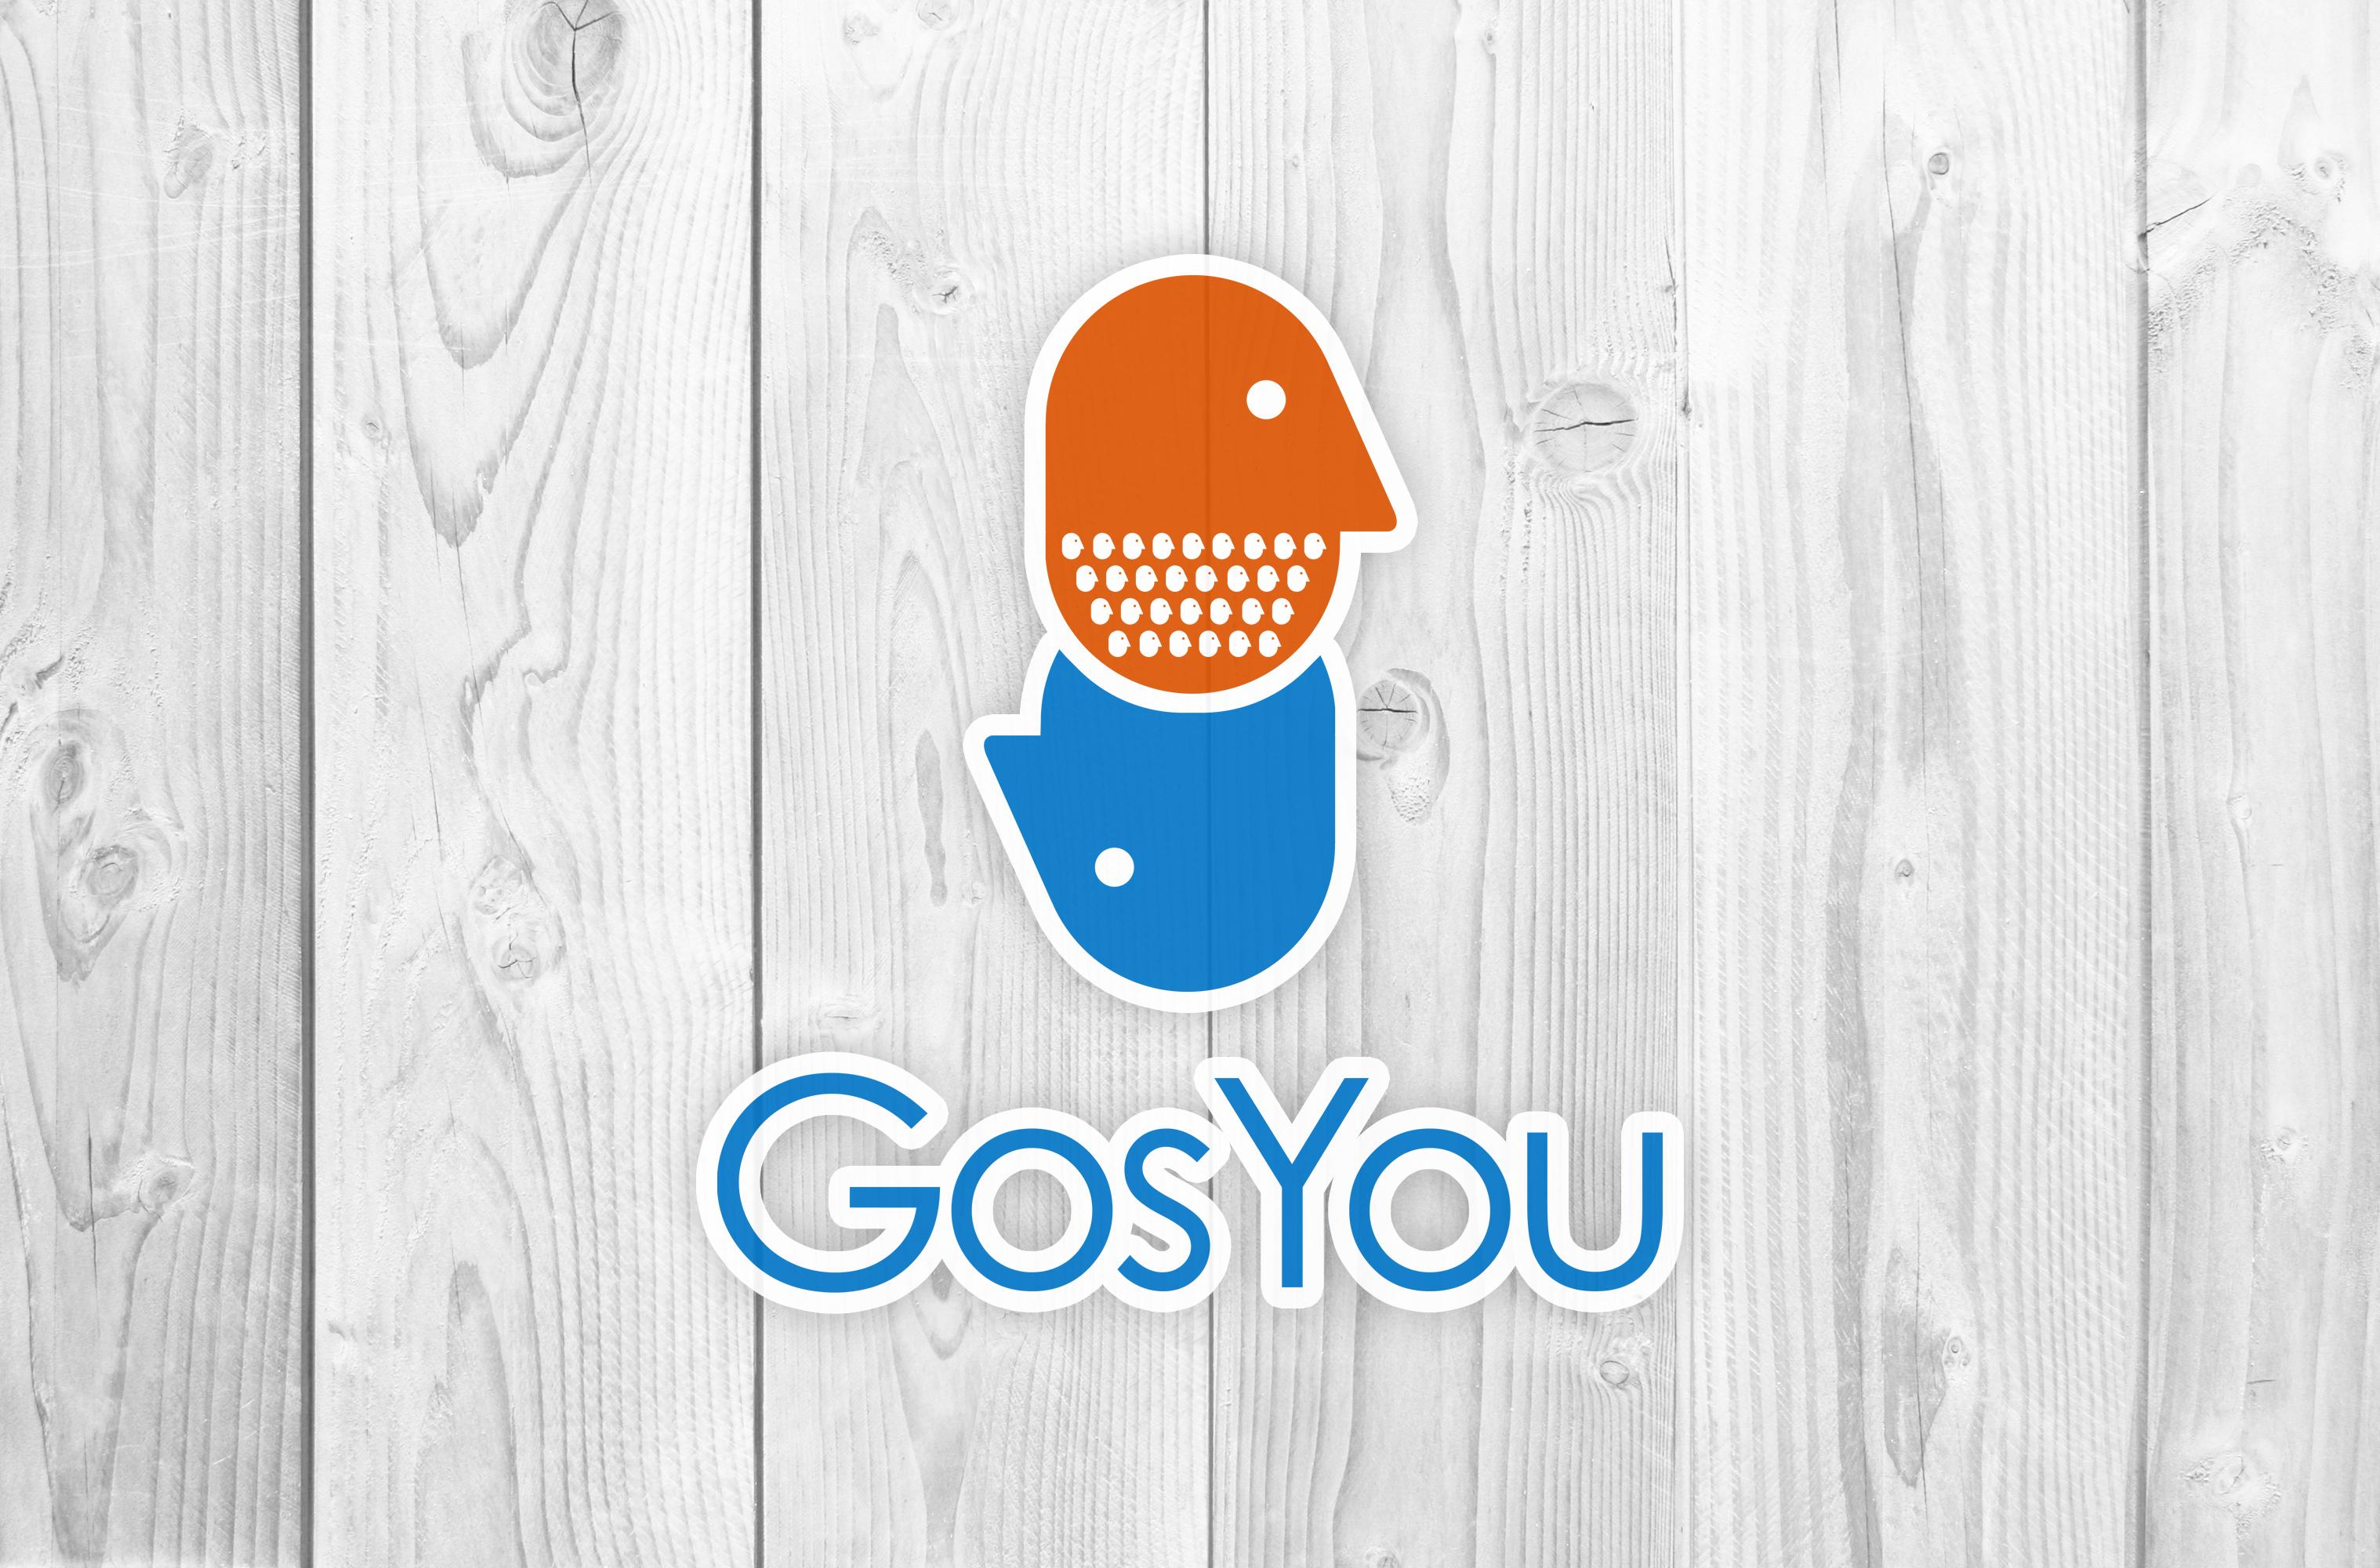 Логотип, фир. стиль и иконку для социальной сети GosYou фото f_507c4feb7f0f6.jpg